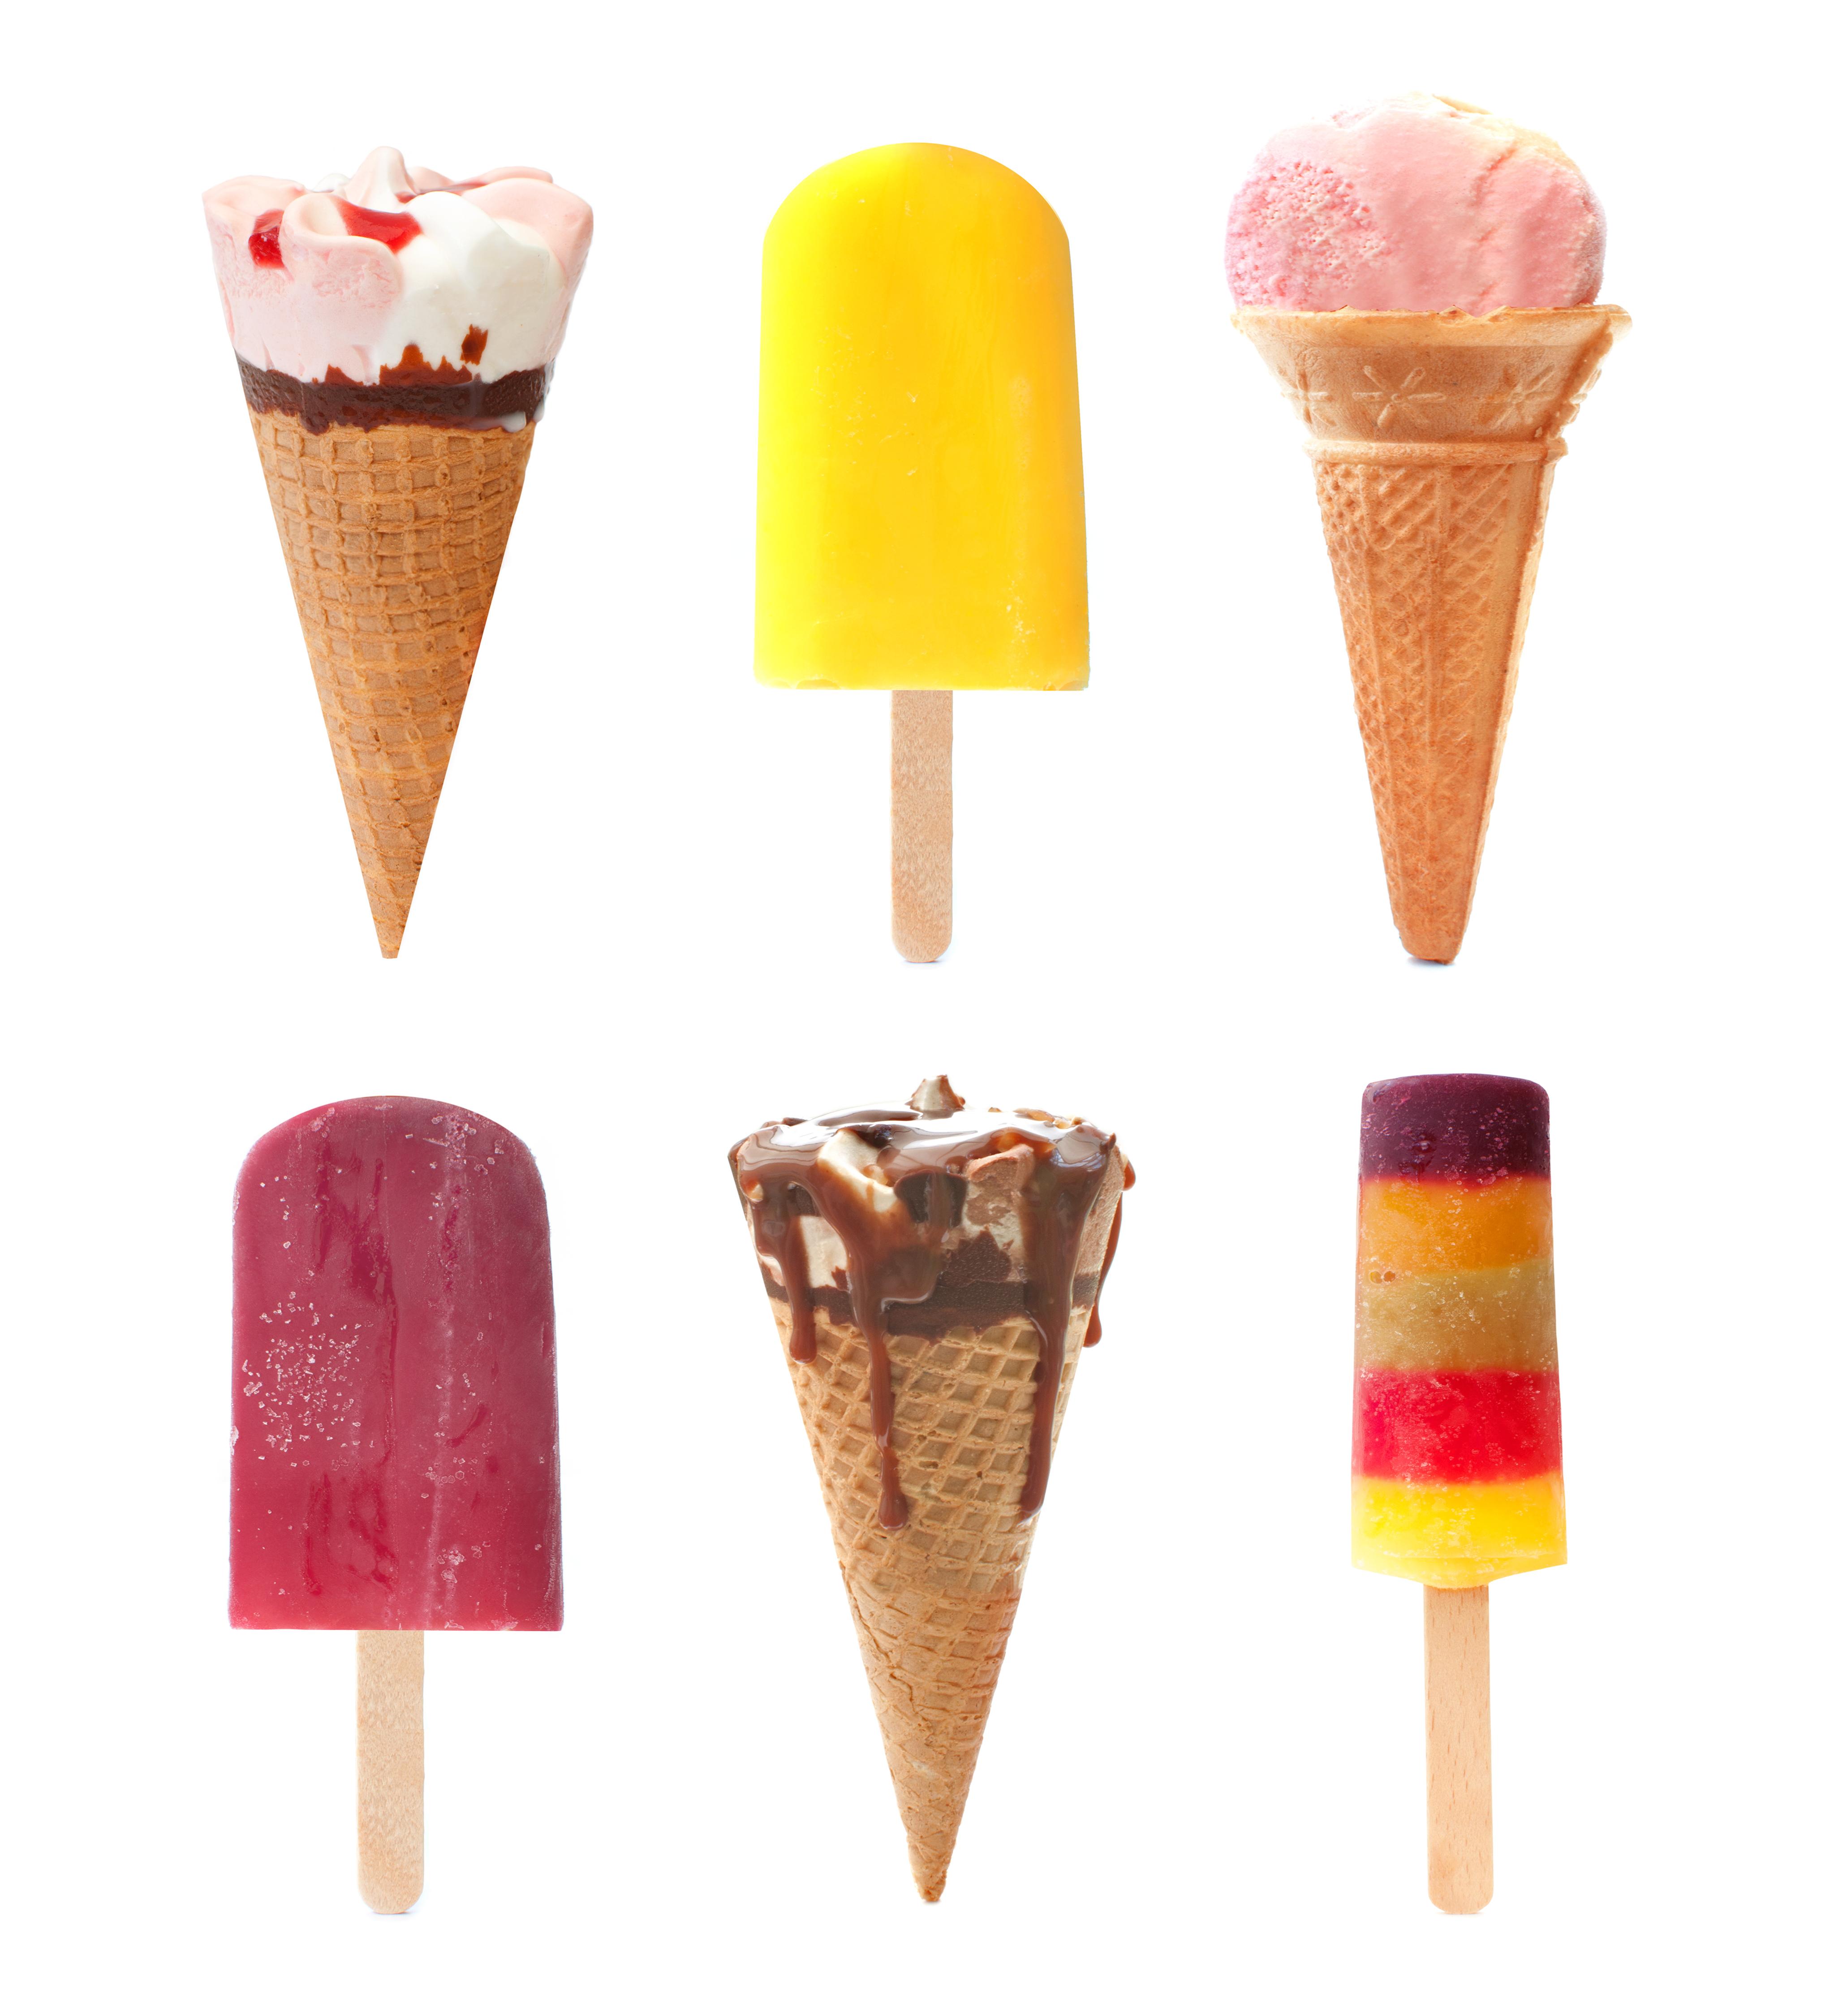 Livlig start på sommarens glassäsong